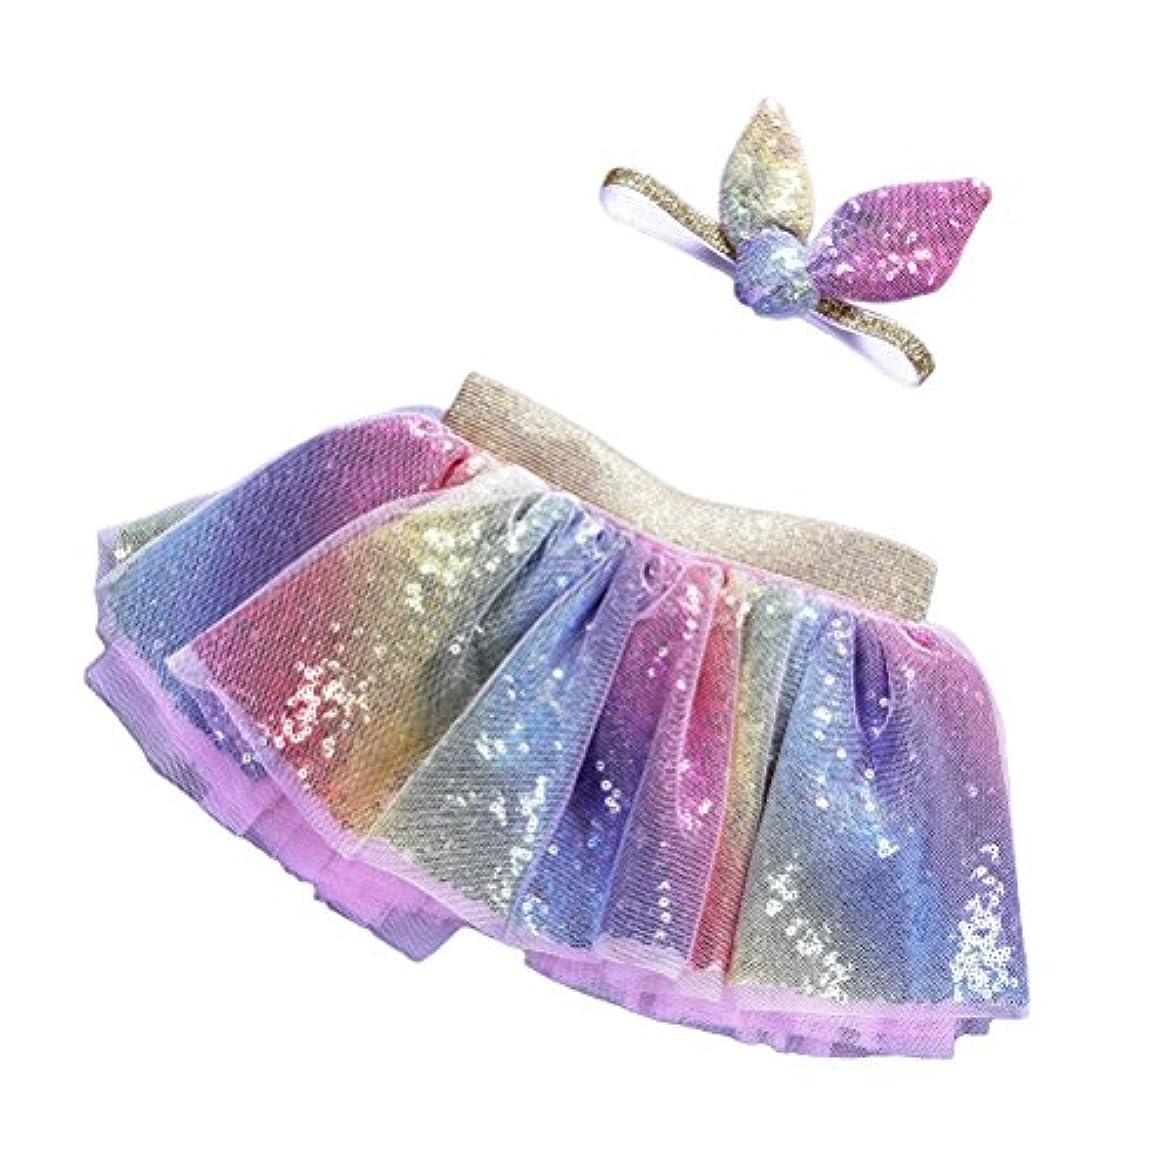 貫通する憎しみ電圧LUOEM 2PCSレインボーツツスカート(ヘッドバンド付き)プリンセスガールツツーの服装ベイビーガールズ誕生日の服セットサイズL(4-8歳)